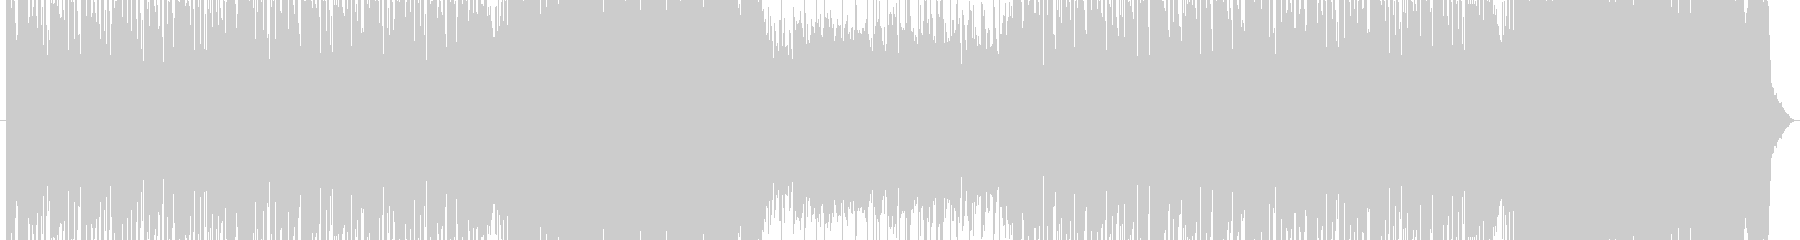 臨場感のあるサイバーロックの未再生の波形